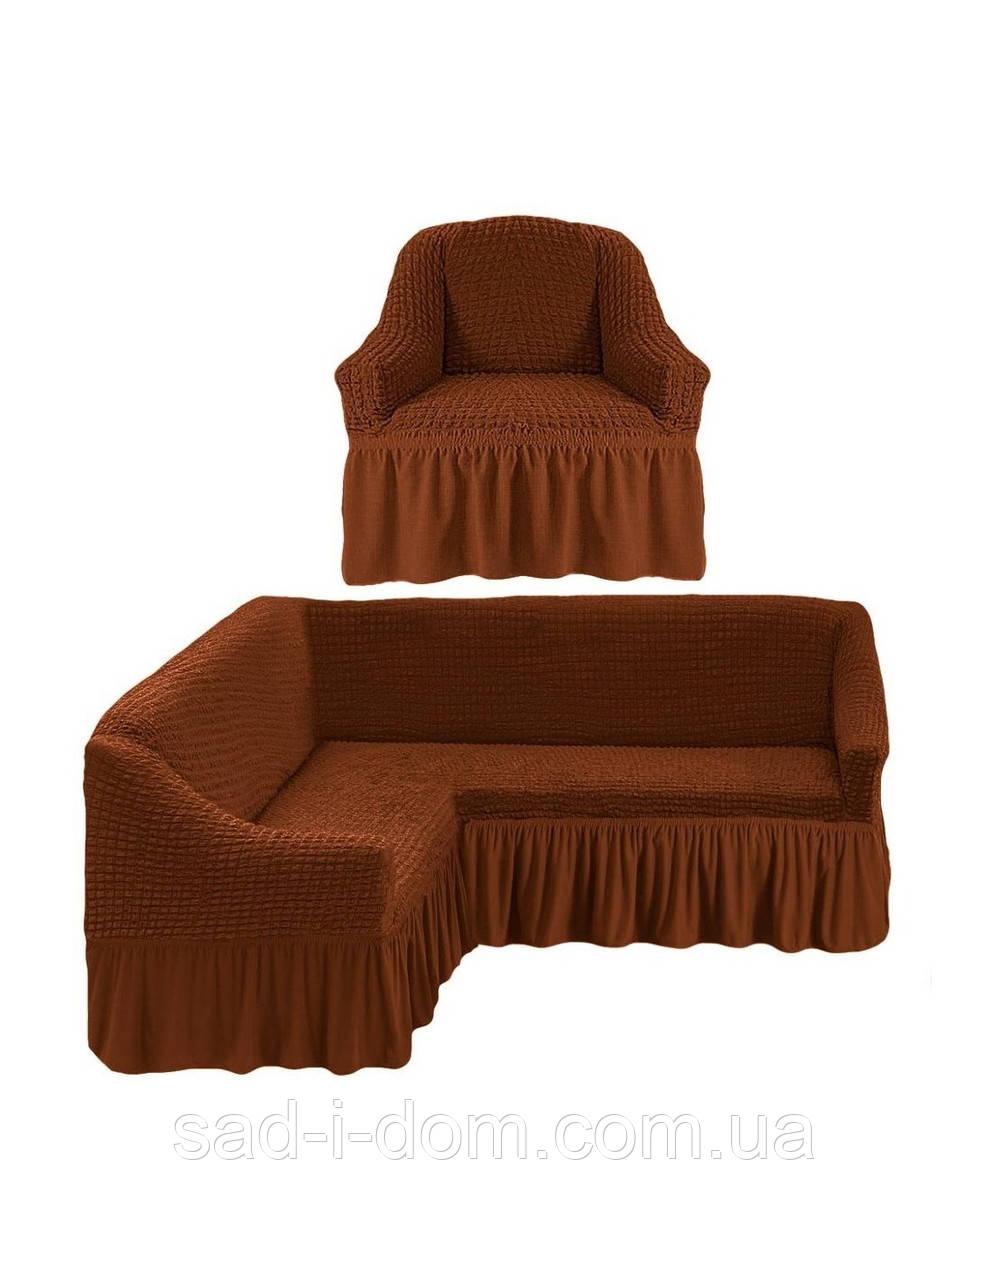 Чехол на угловой диван и кресло, чехол на диван